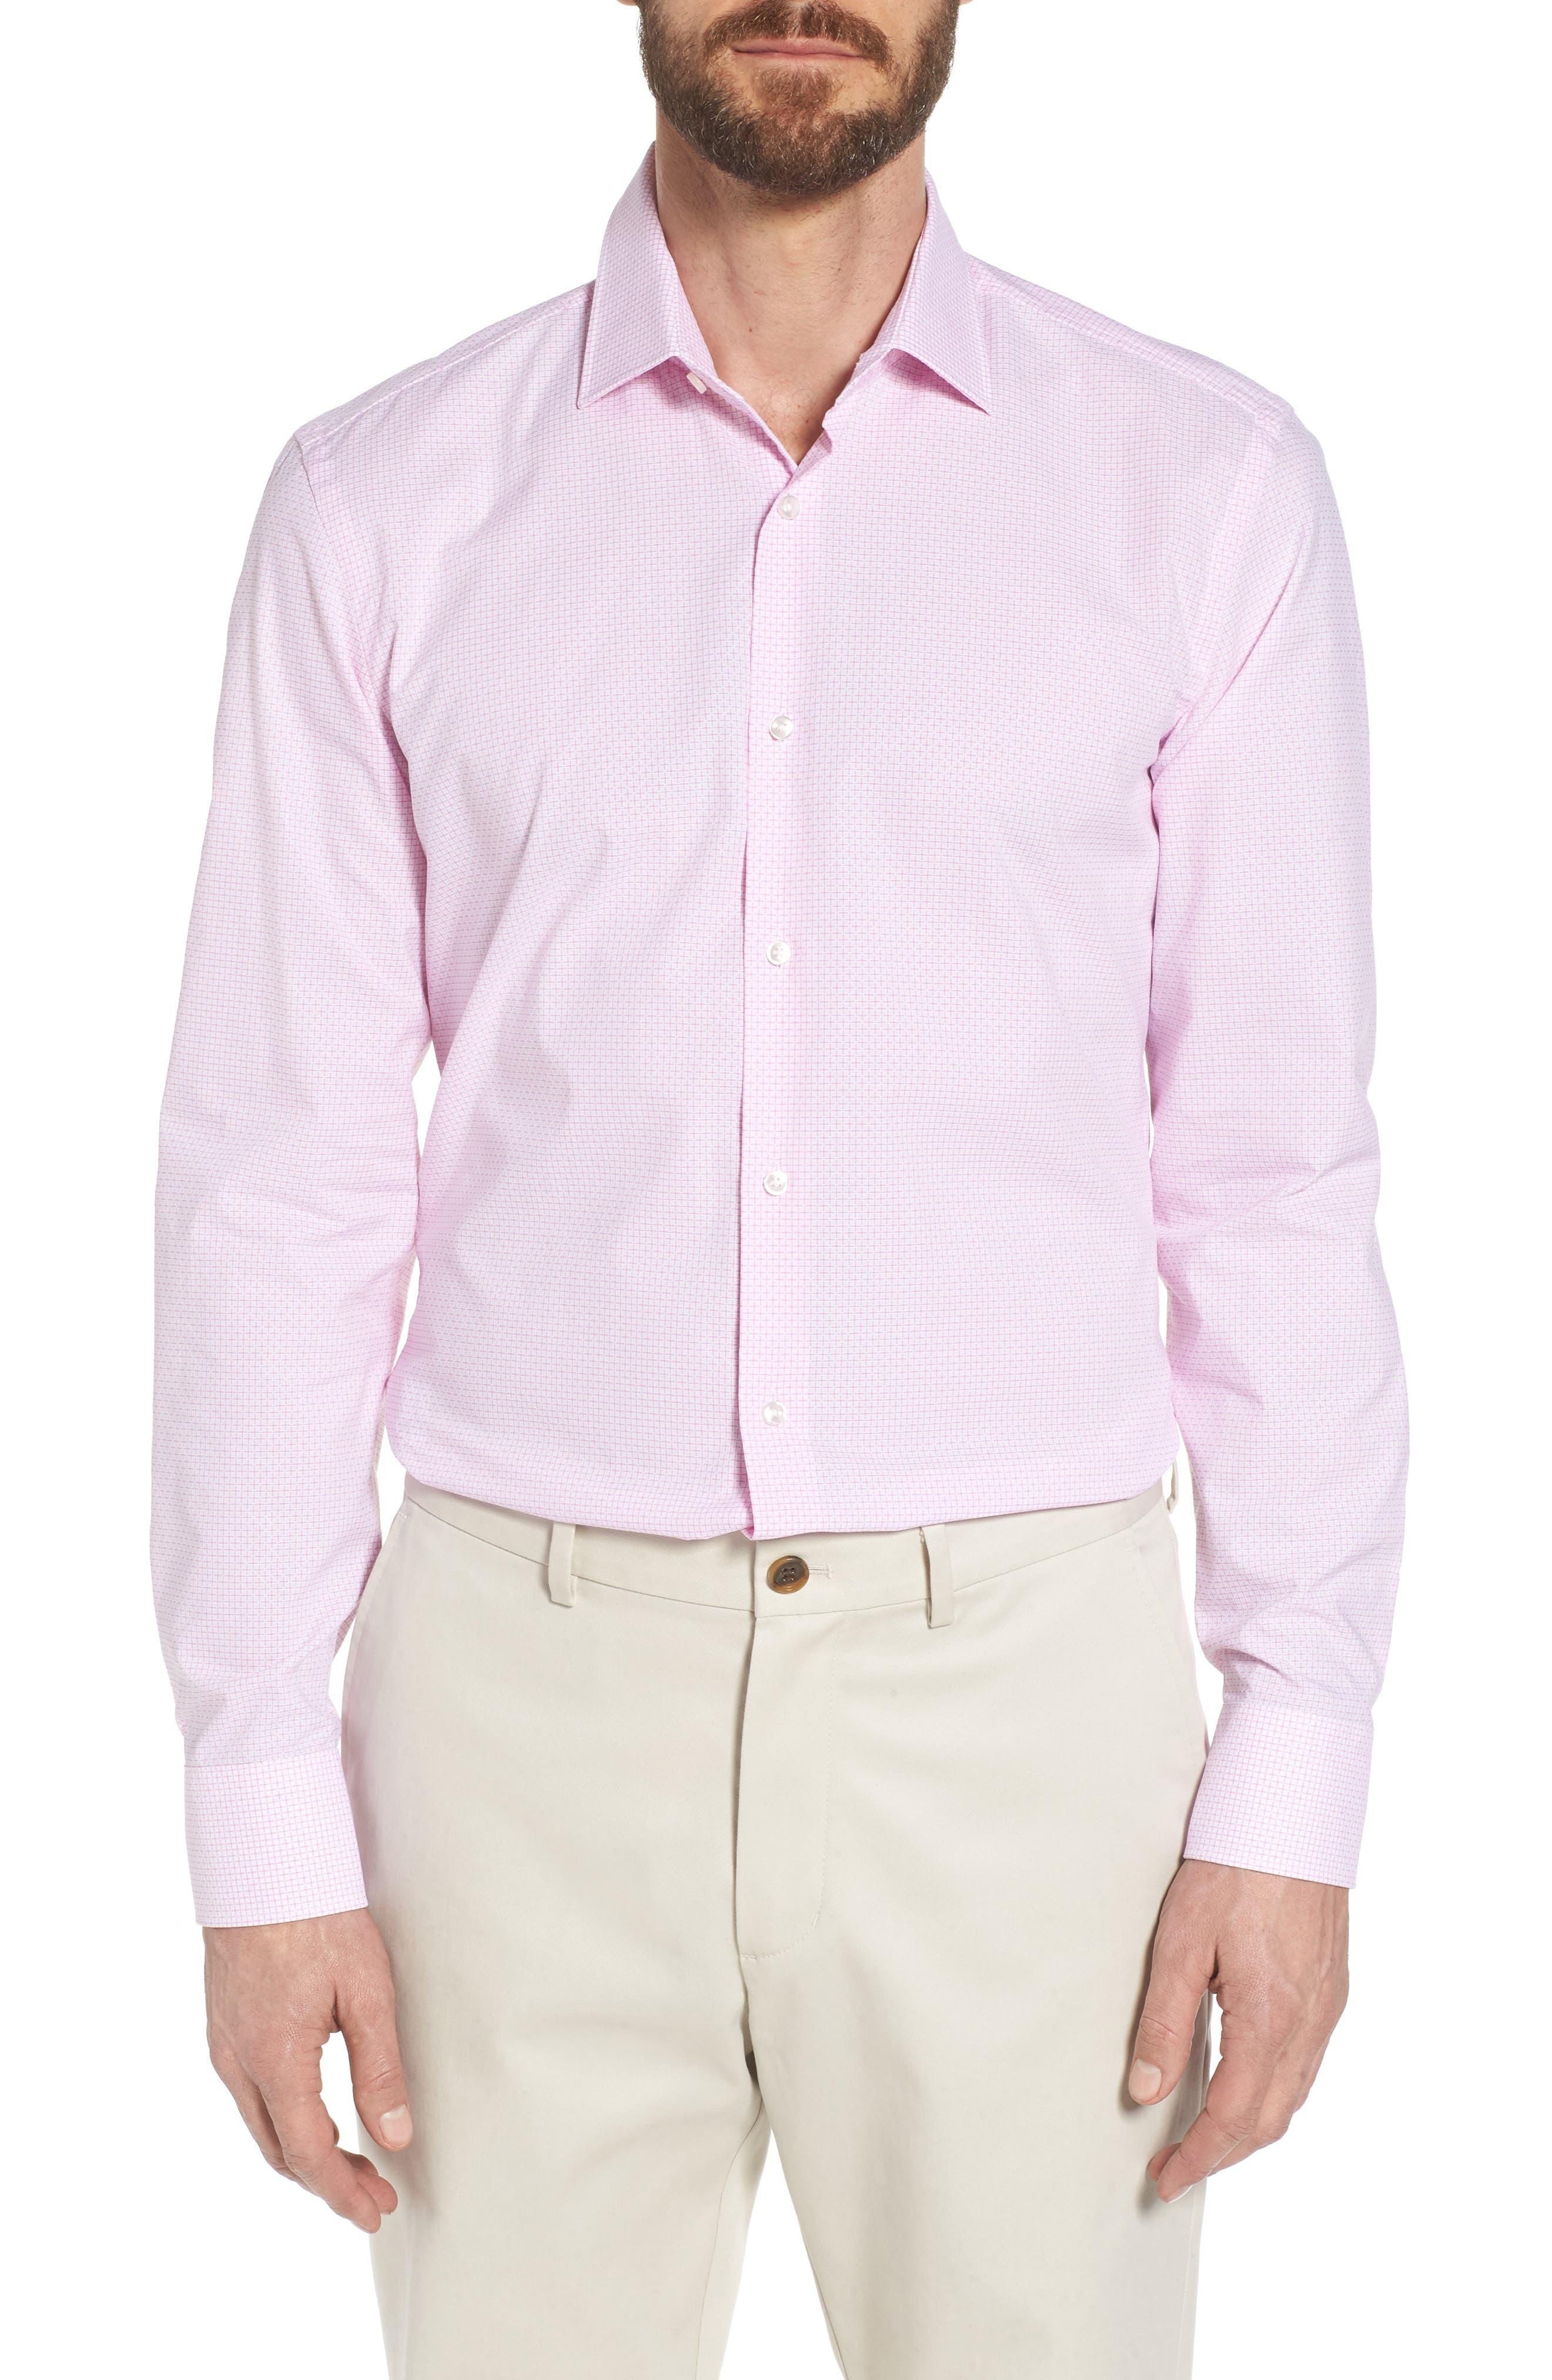 Main Image - BOSS Jesse Slim Fit Check Dress Shirt